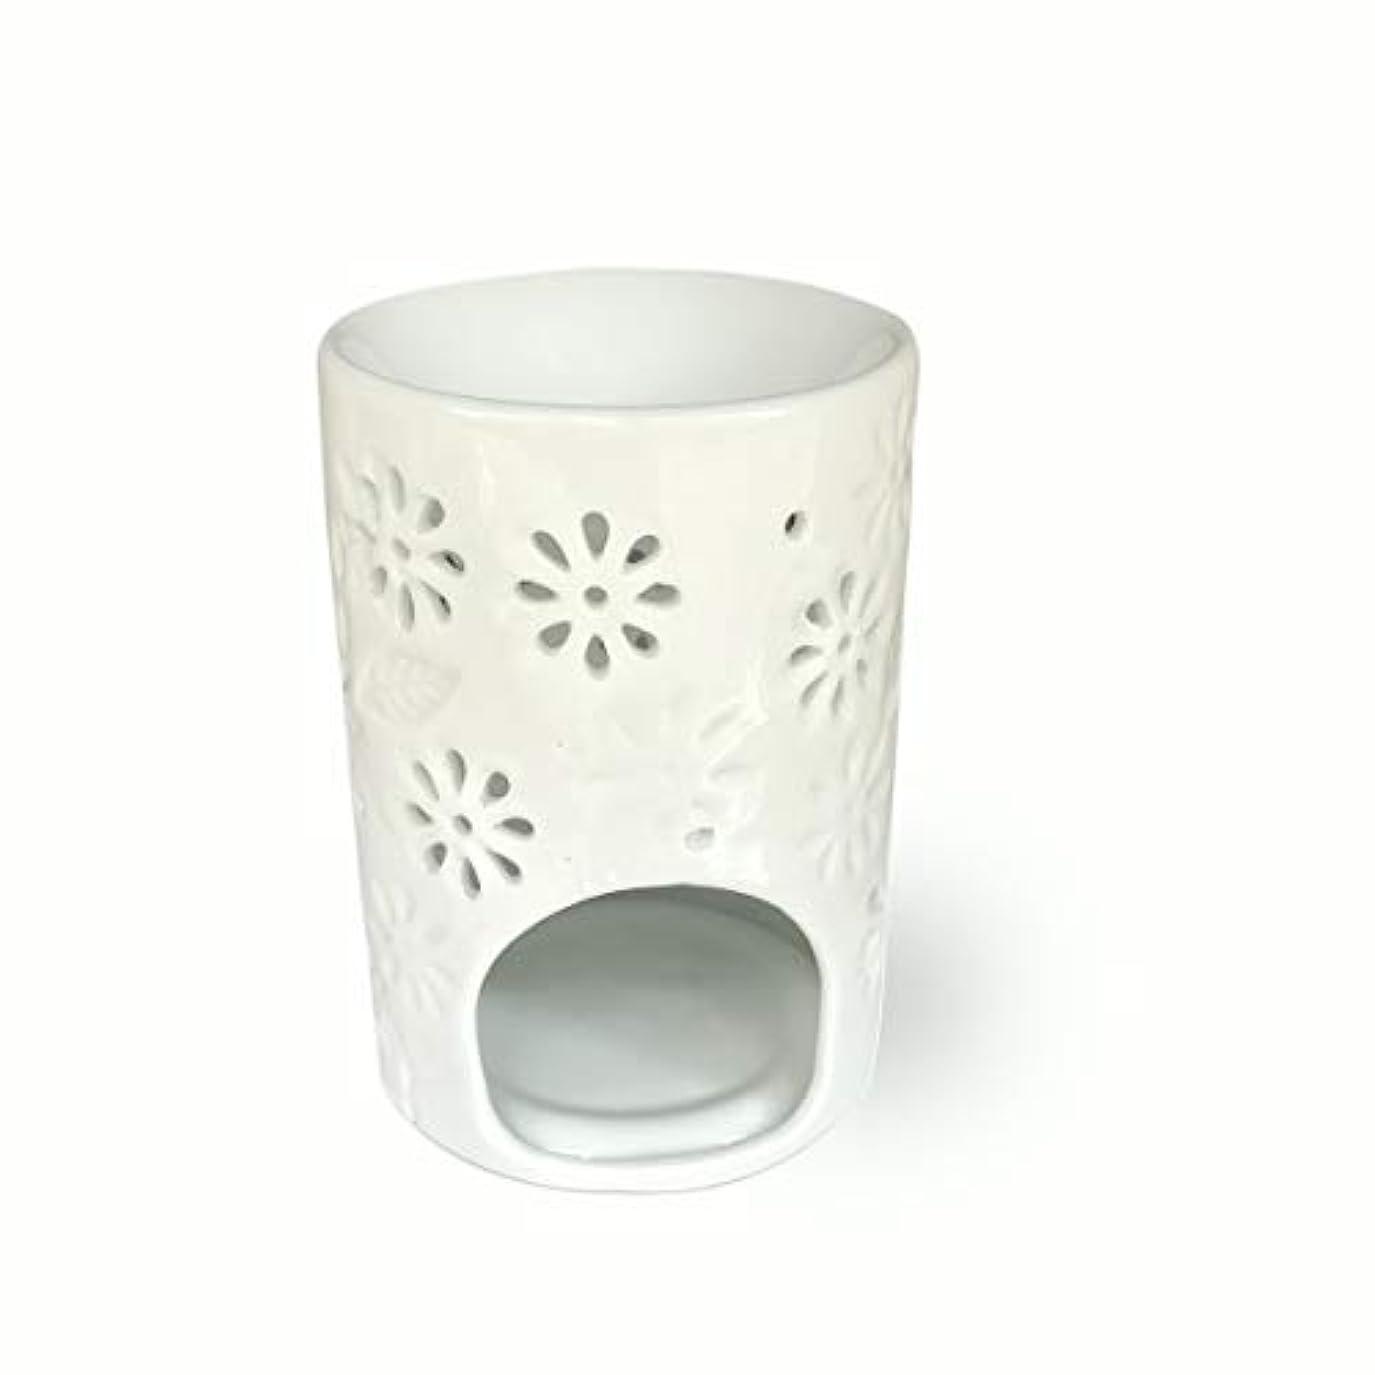 藤色テレマコス航空(Vase Shaped) - ToiM Milk White Ceramic Hollowing Floral Aroma Lamp Candle Warmers Fragrance Warmer Oil Diffuser...